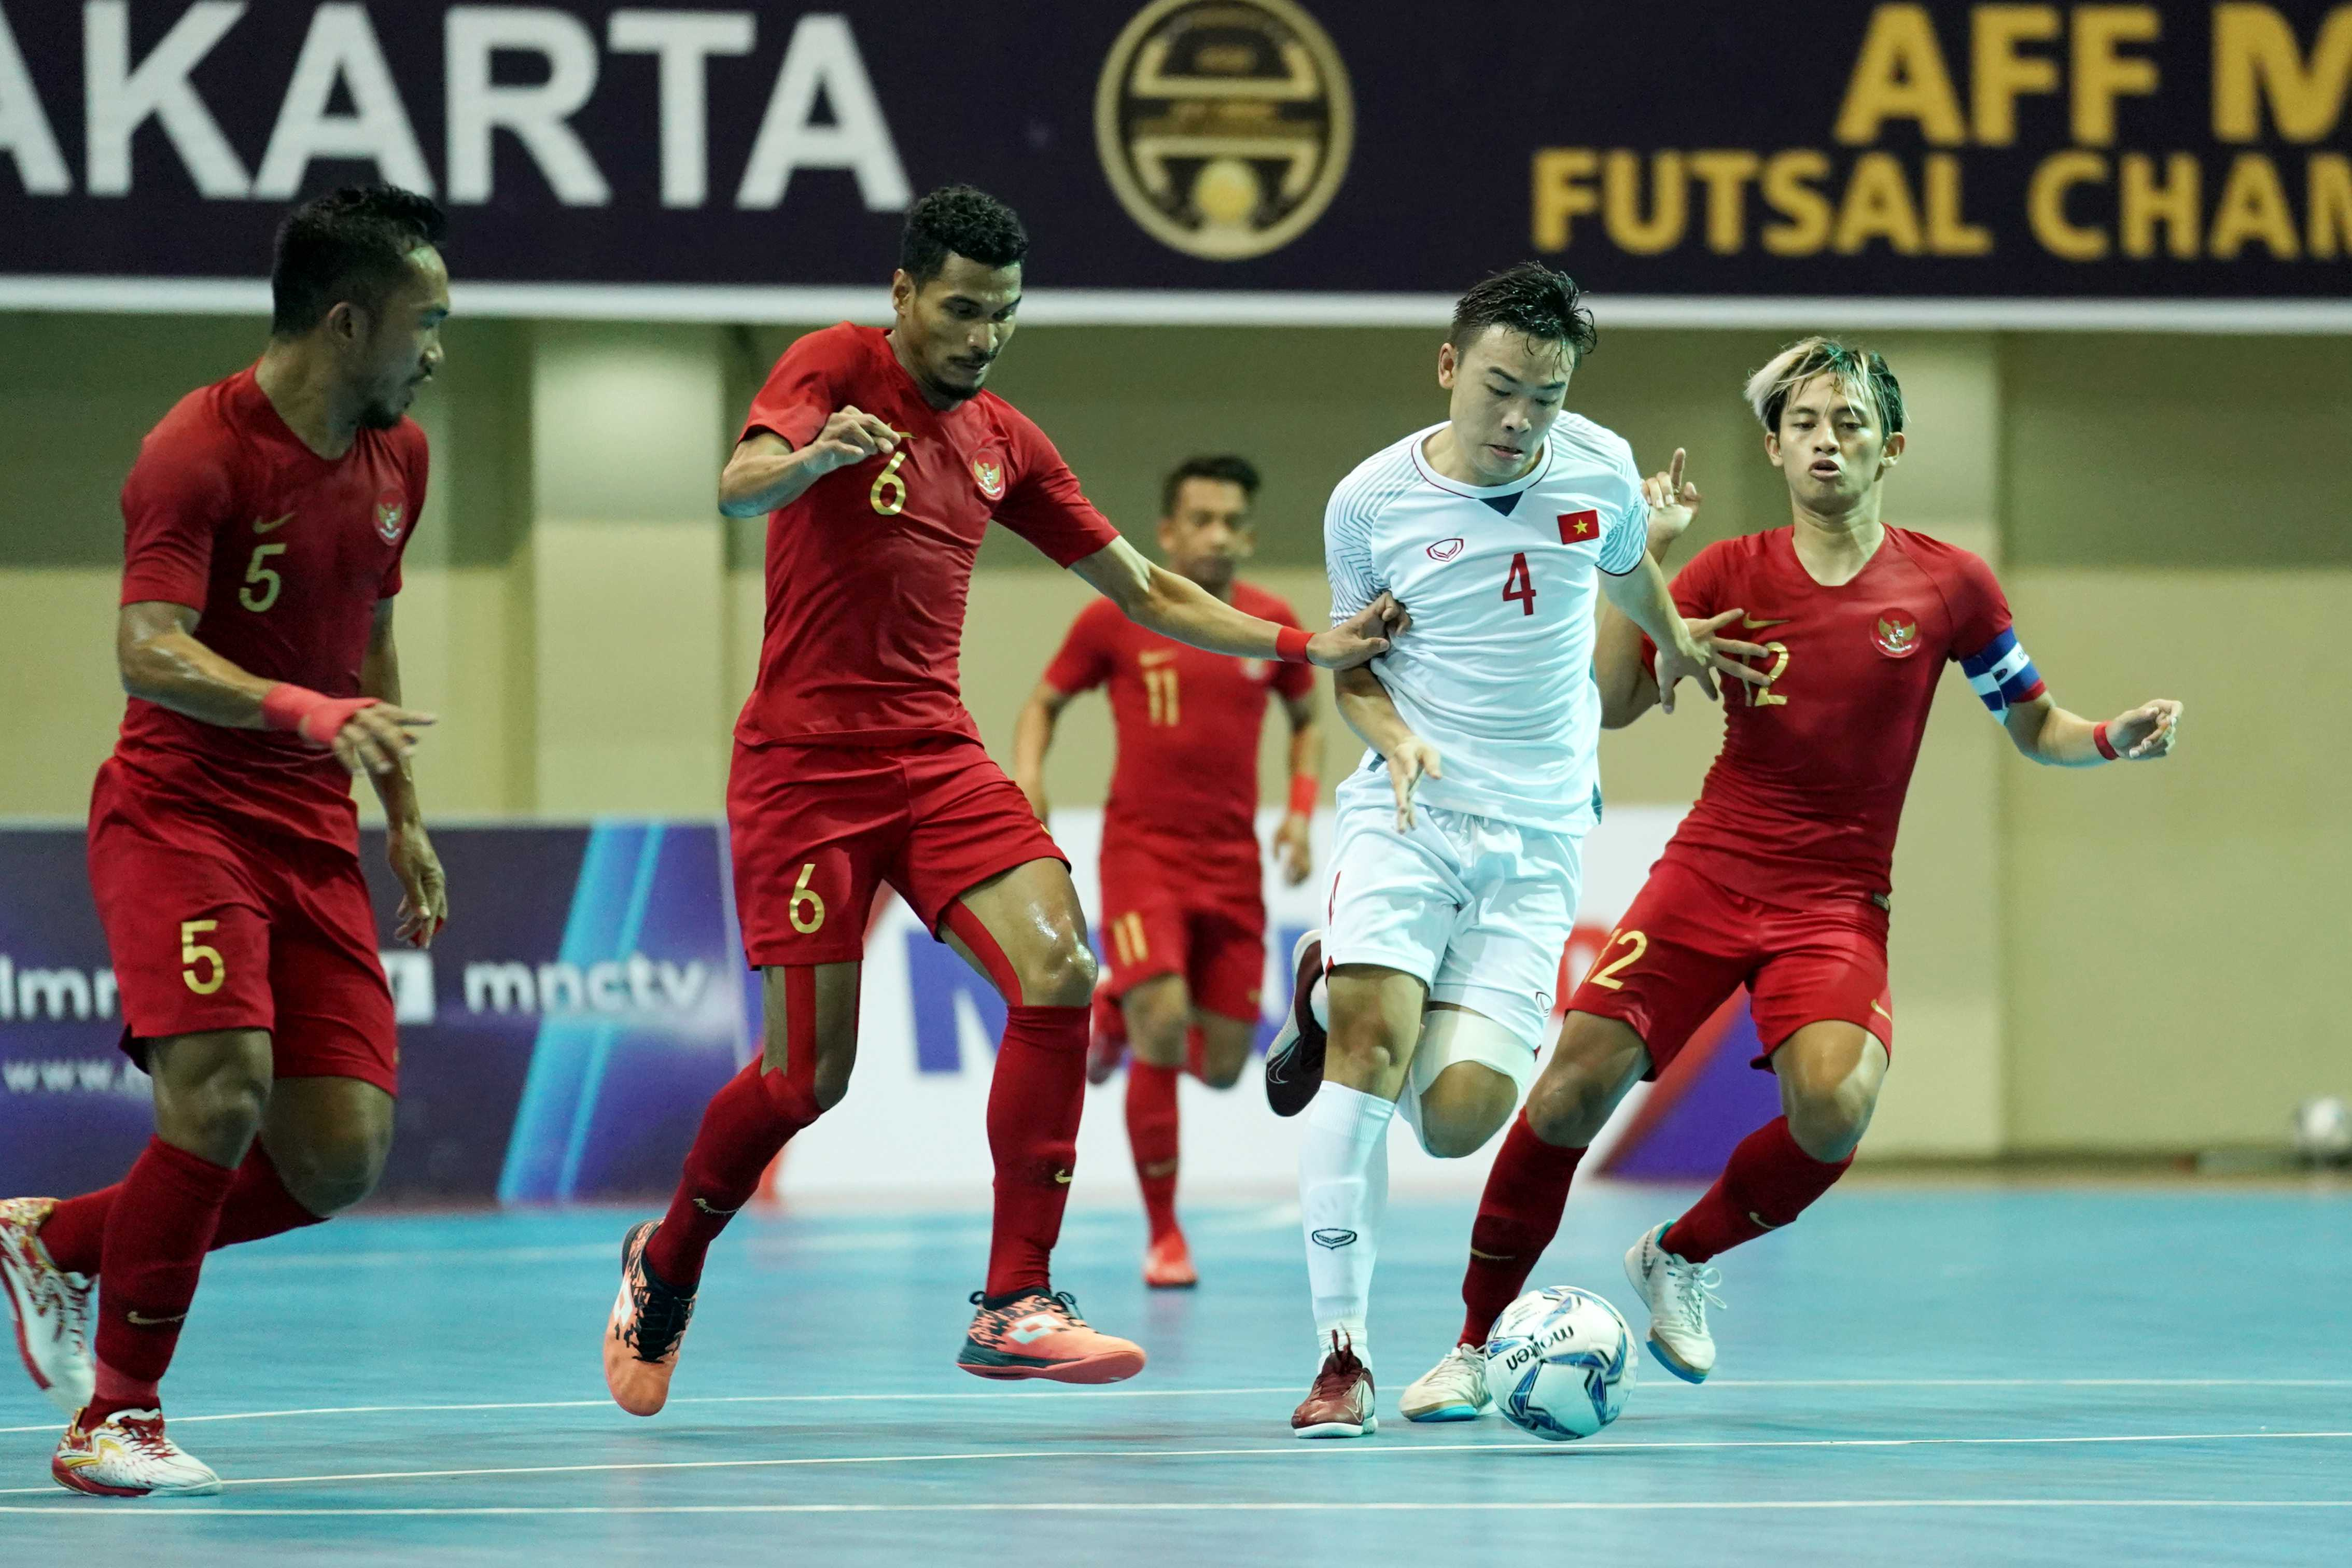 ĐT Việt Nam thua chủ nhà Indonesia ở trận tranh HCĐ futsal AFF 2018